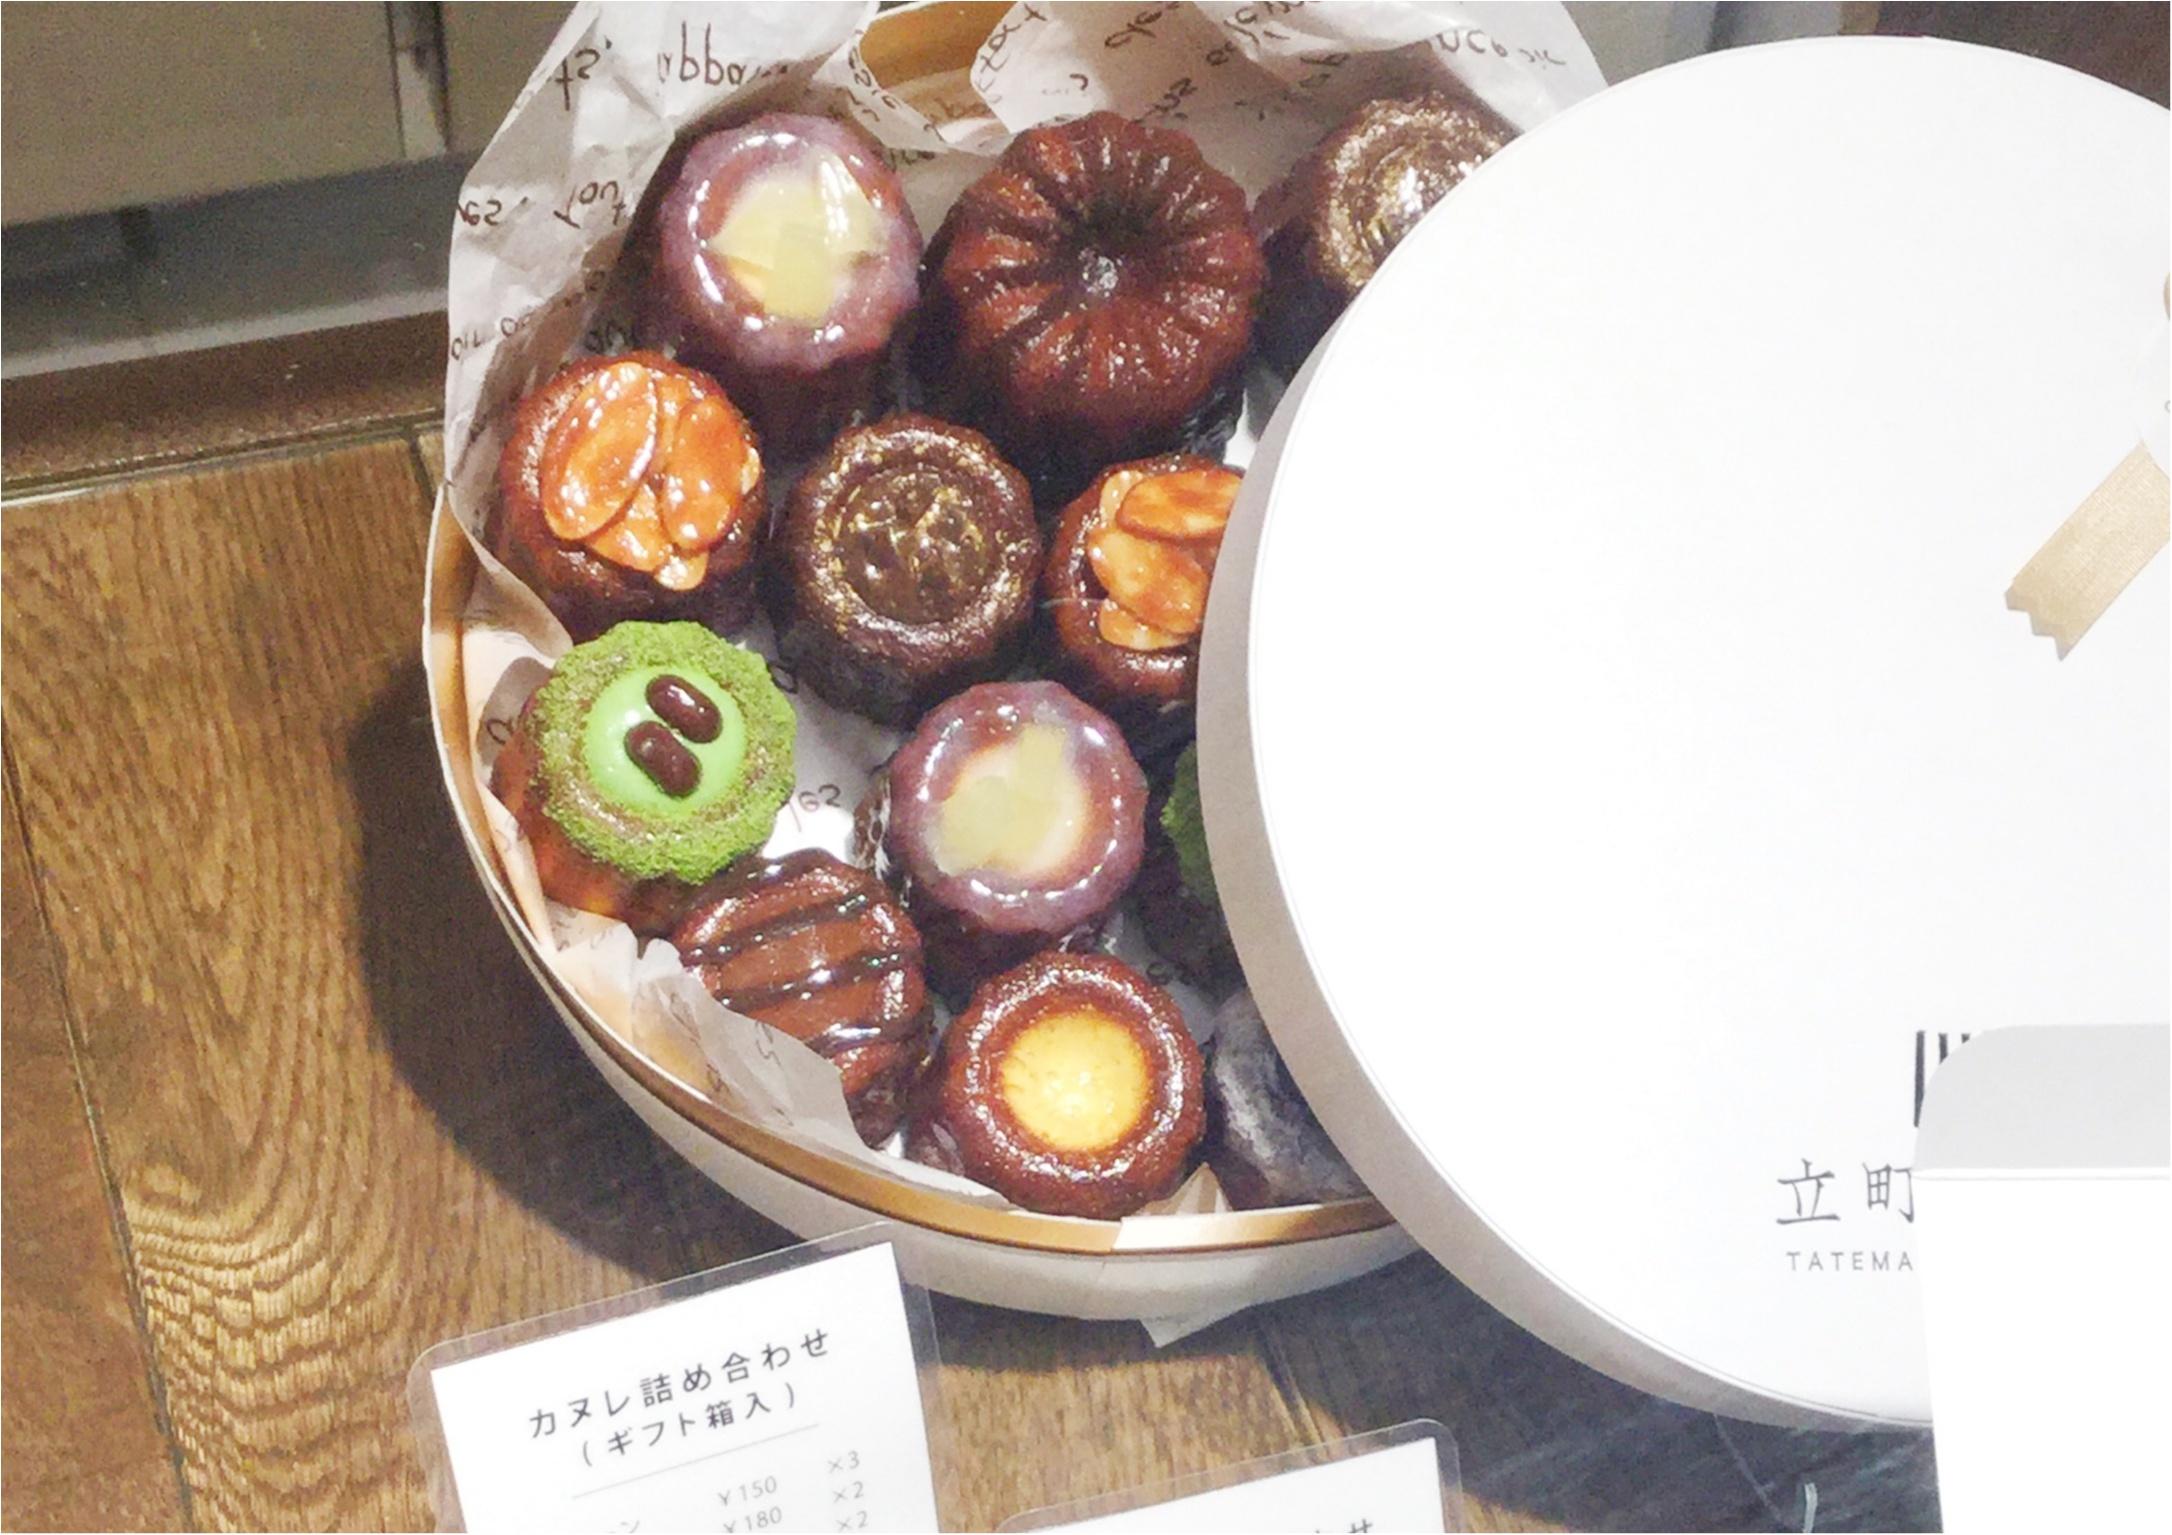 広島のおしゃれなお土産特集《2019年》- 人気の定番土産から話題のチョコ、スタバの限定タンブラーも!_44